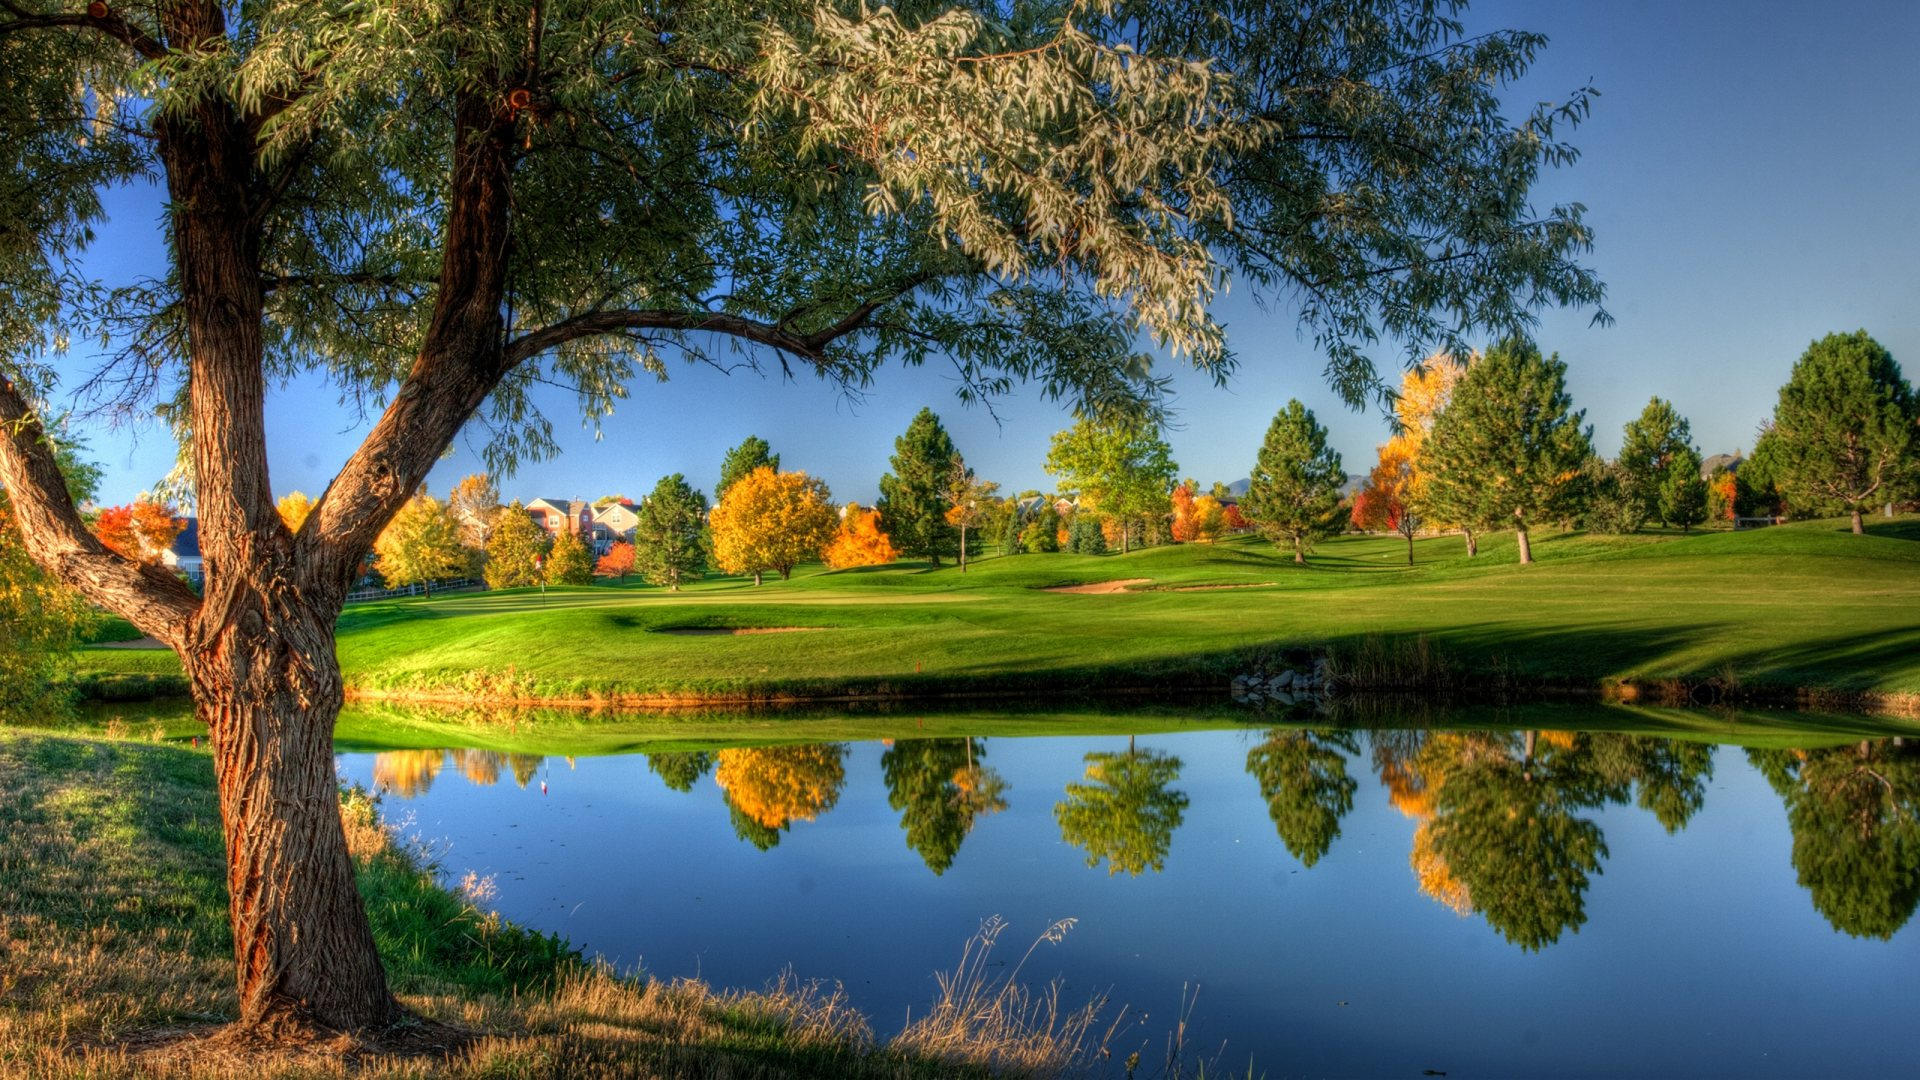 Votre âme est parfois triste et vous recherchez la Paix ? Parcourez ce fil de discussion... Marvelous-autumn-landscape